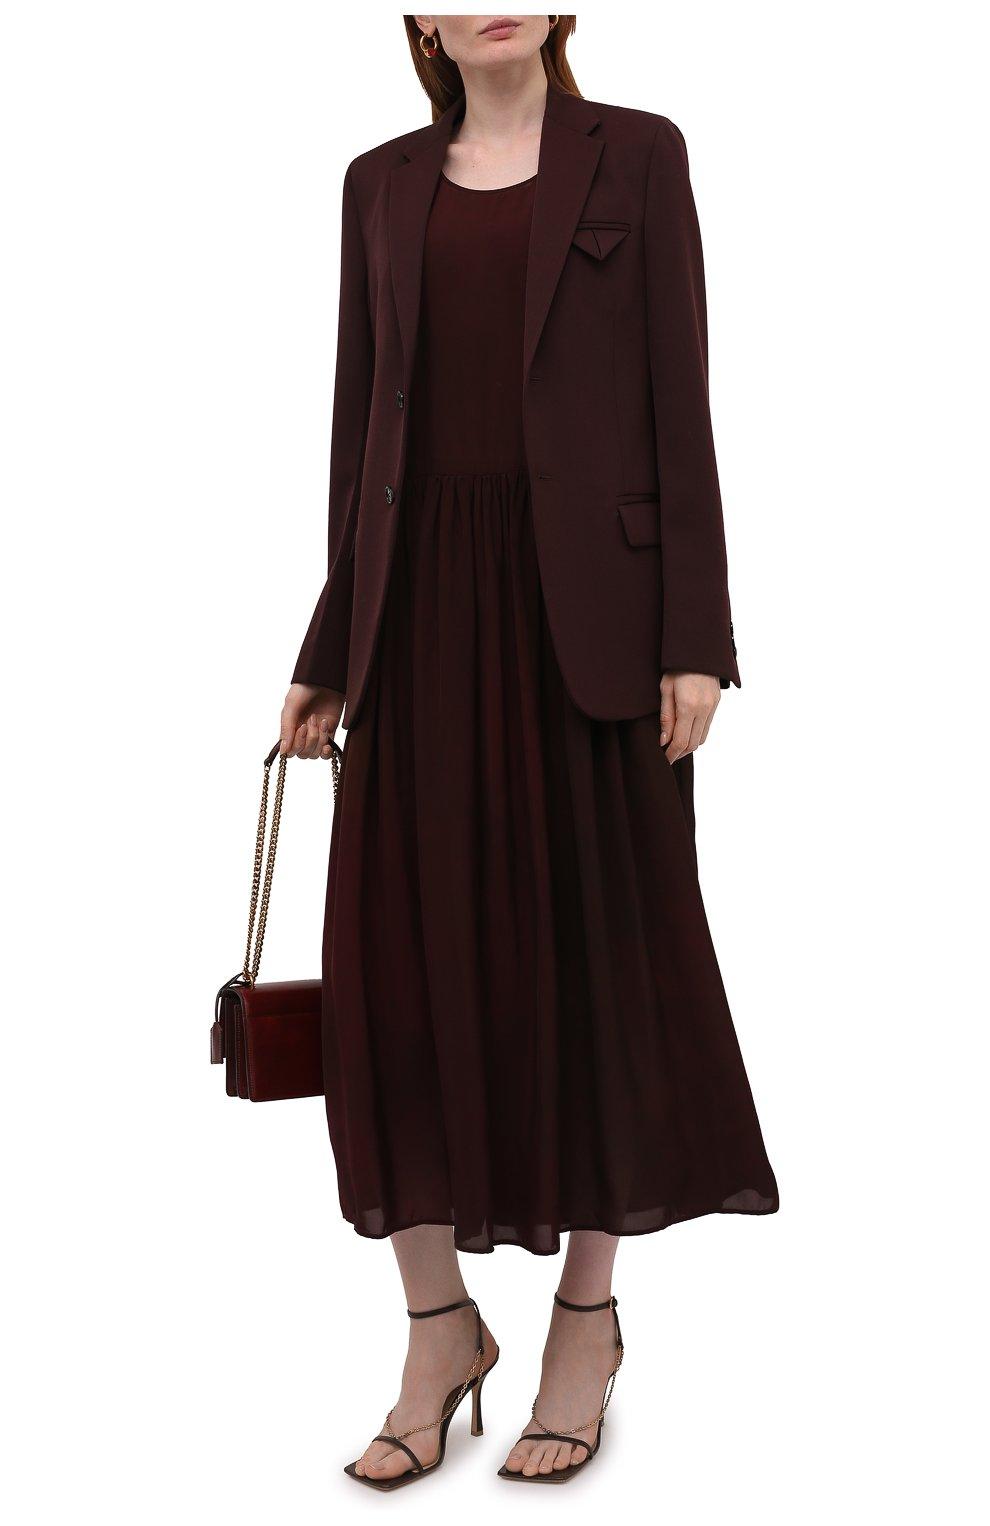 Женское платье из вискозы UMA WANG бордового цвета, арт. W1 M UP5017 | Фото 2 (Женское Кросс-КТ: Сарафаны, Платье-одежда; Случай: Повседневный; Длина Ж (юбки, платья, шорты): Миди; Материал внешний: Вискоза; Стили: Романтичный)